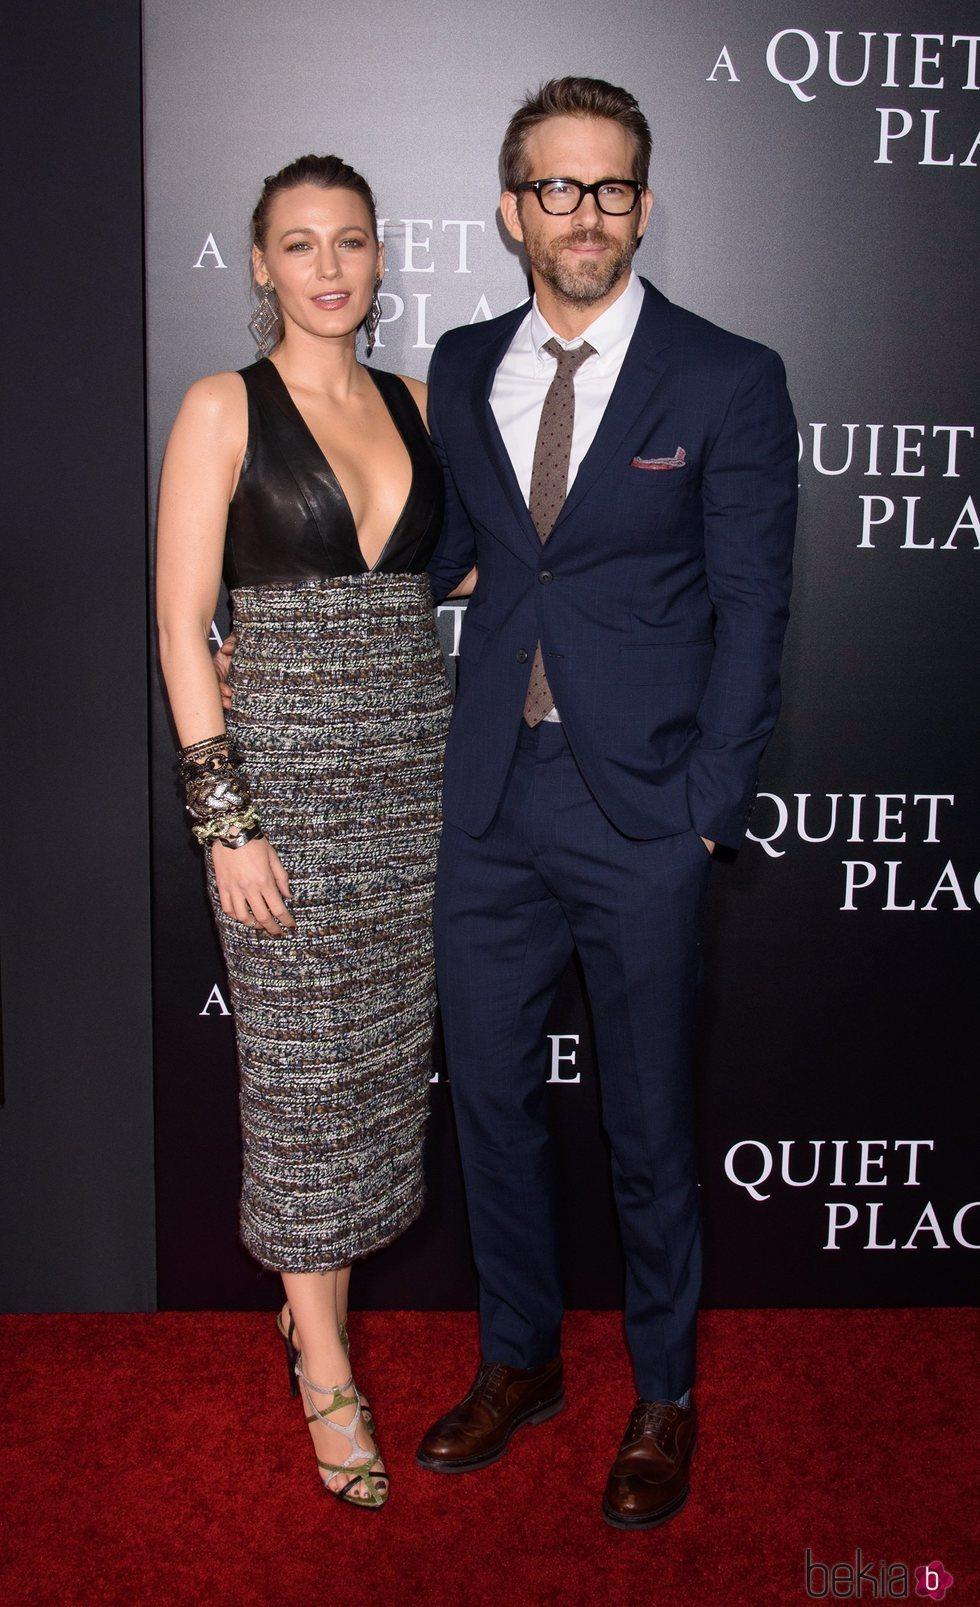 Blake Lively y Ryan Reynolds durante la presentación de la película 'A quiet place'